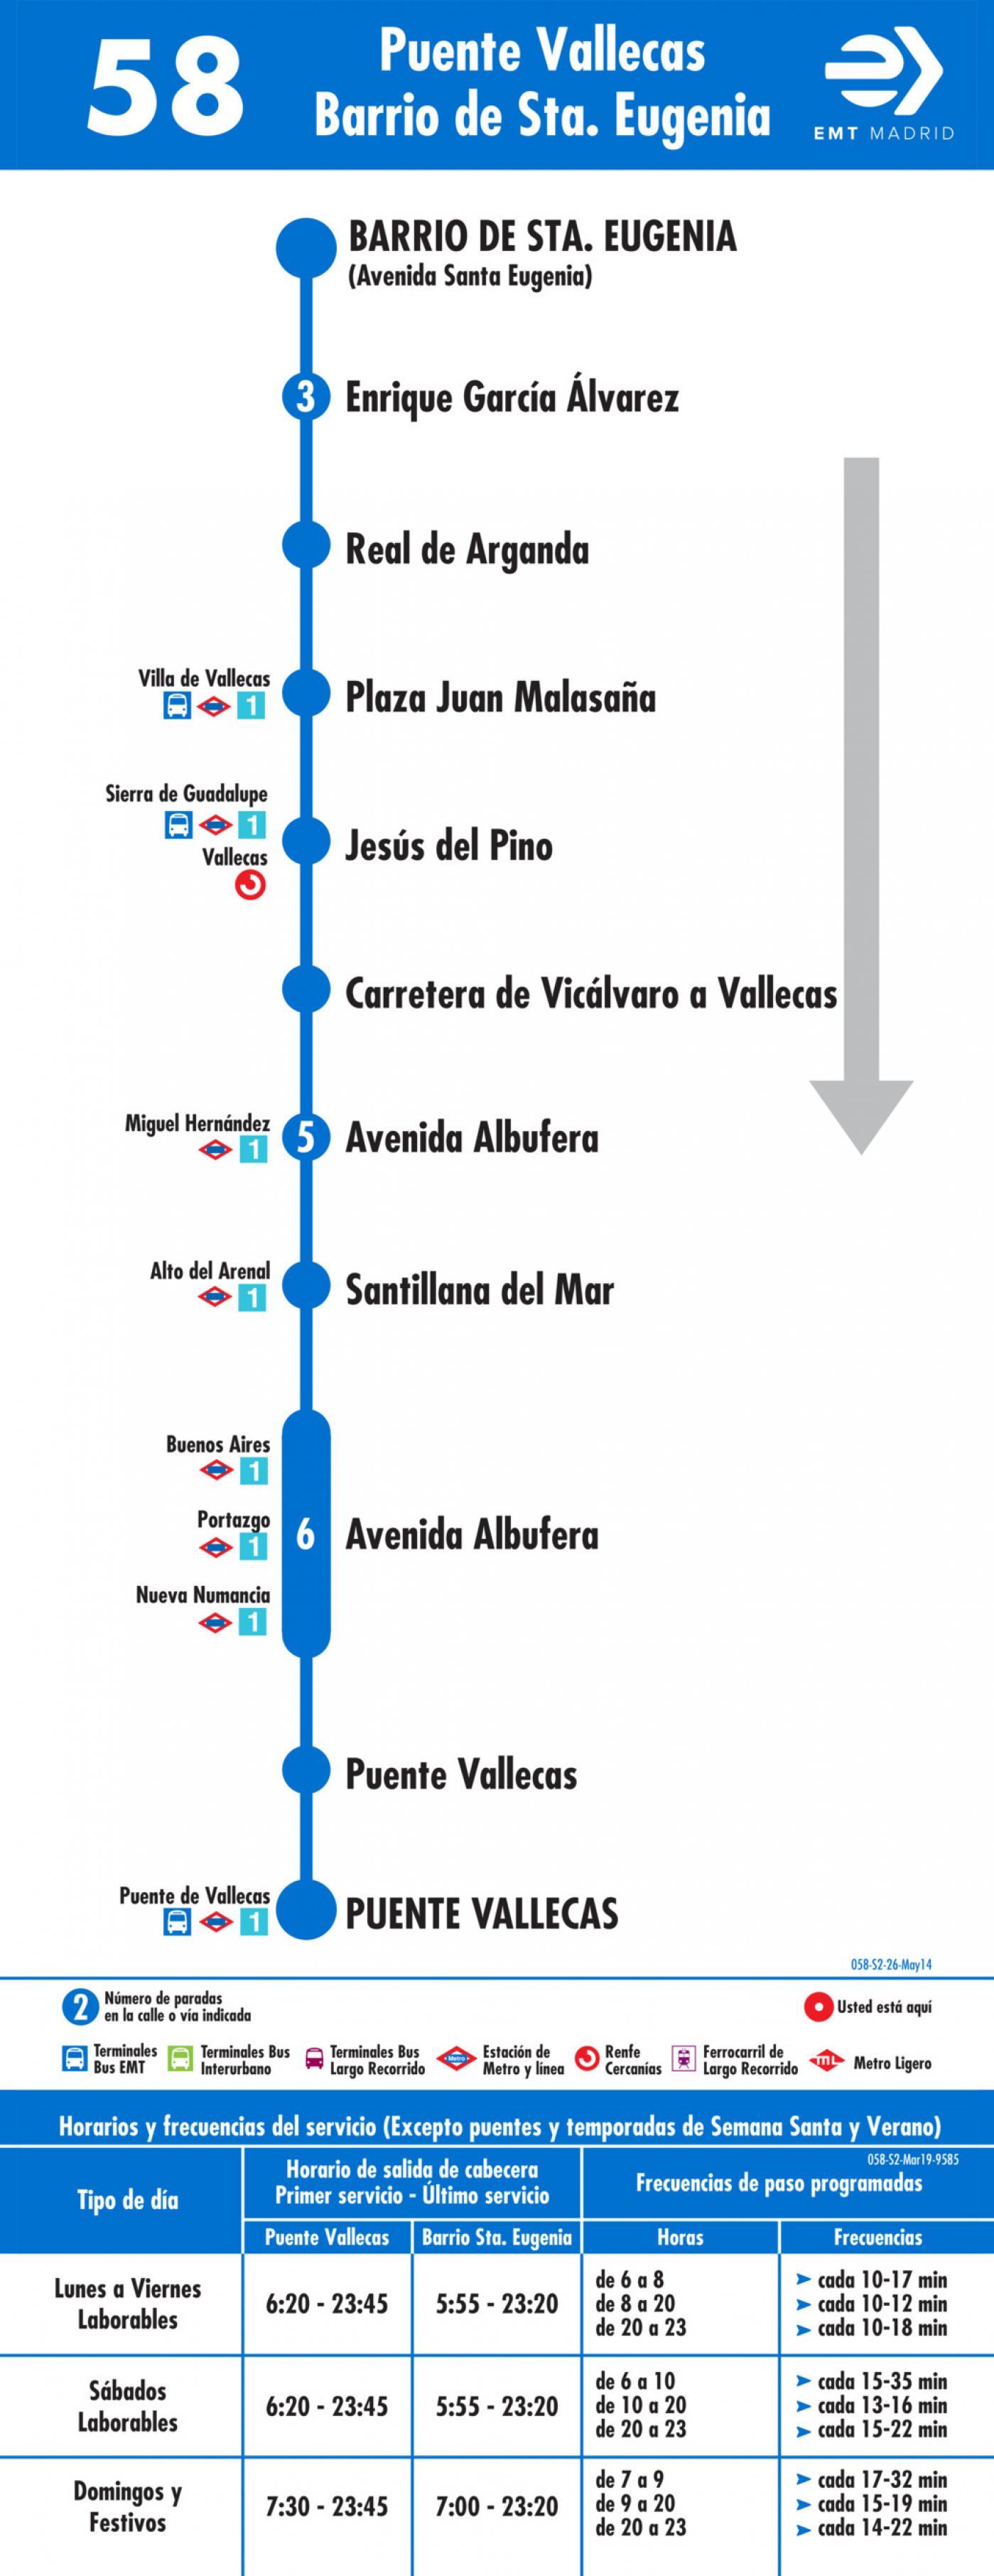 Tabla de horarios y frecuencias de paso en sentido vuelta Línea 58: Puente de Vallecas - Barrio de Santa Eugenia